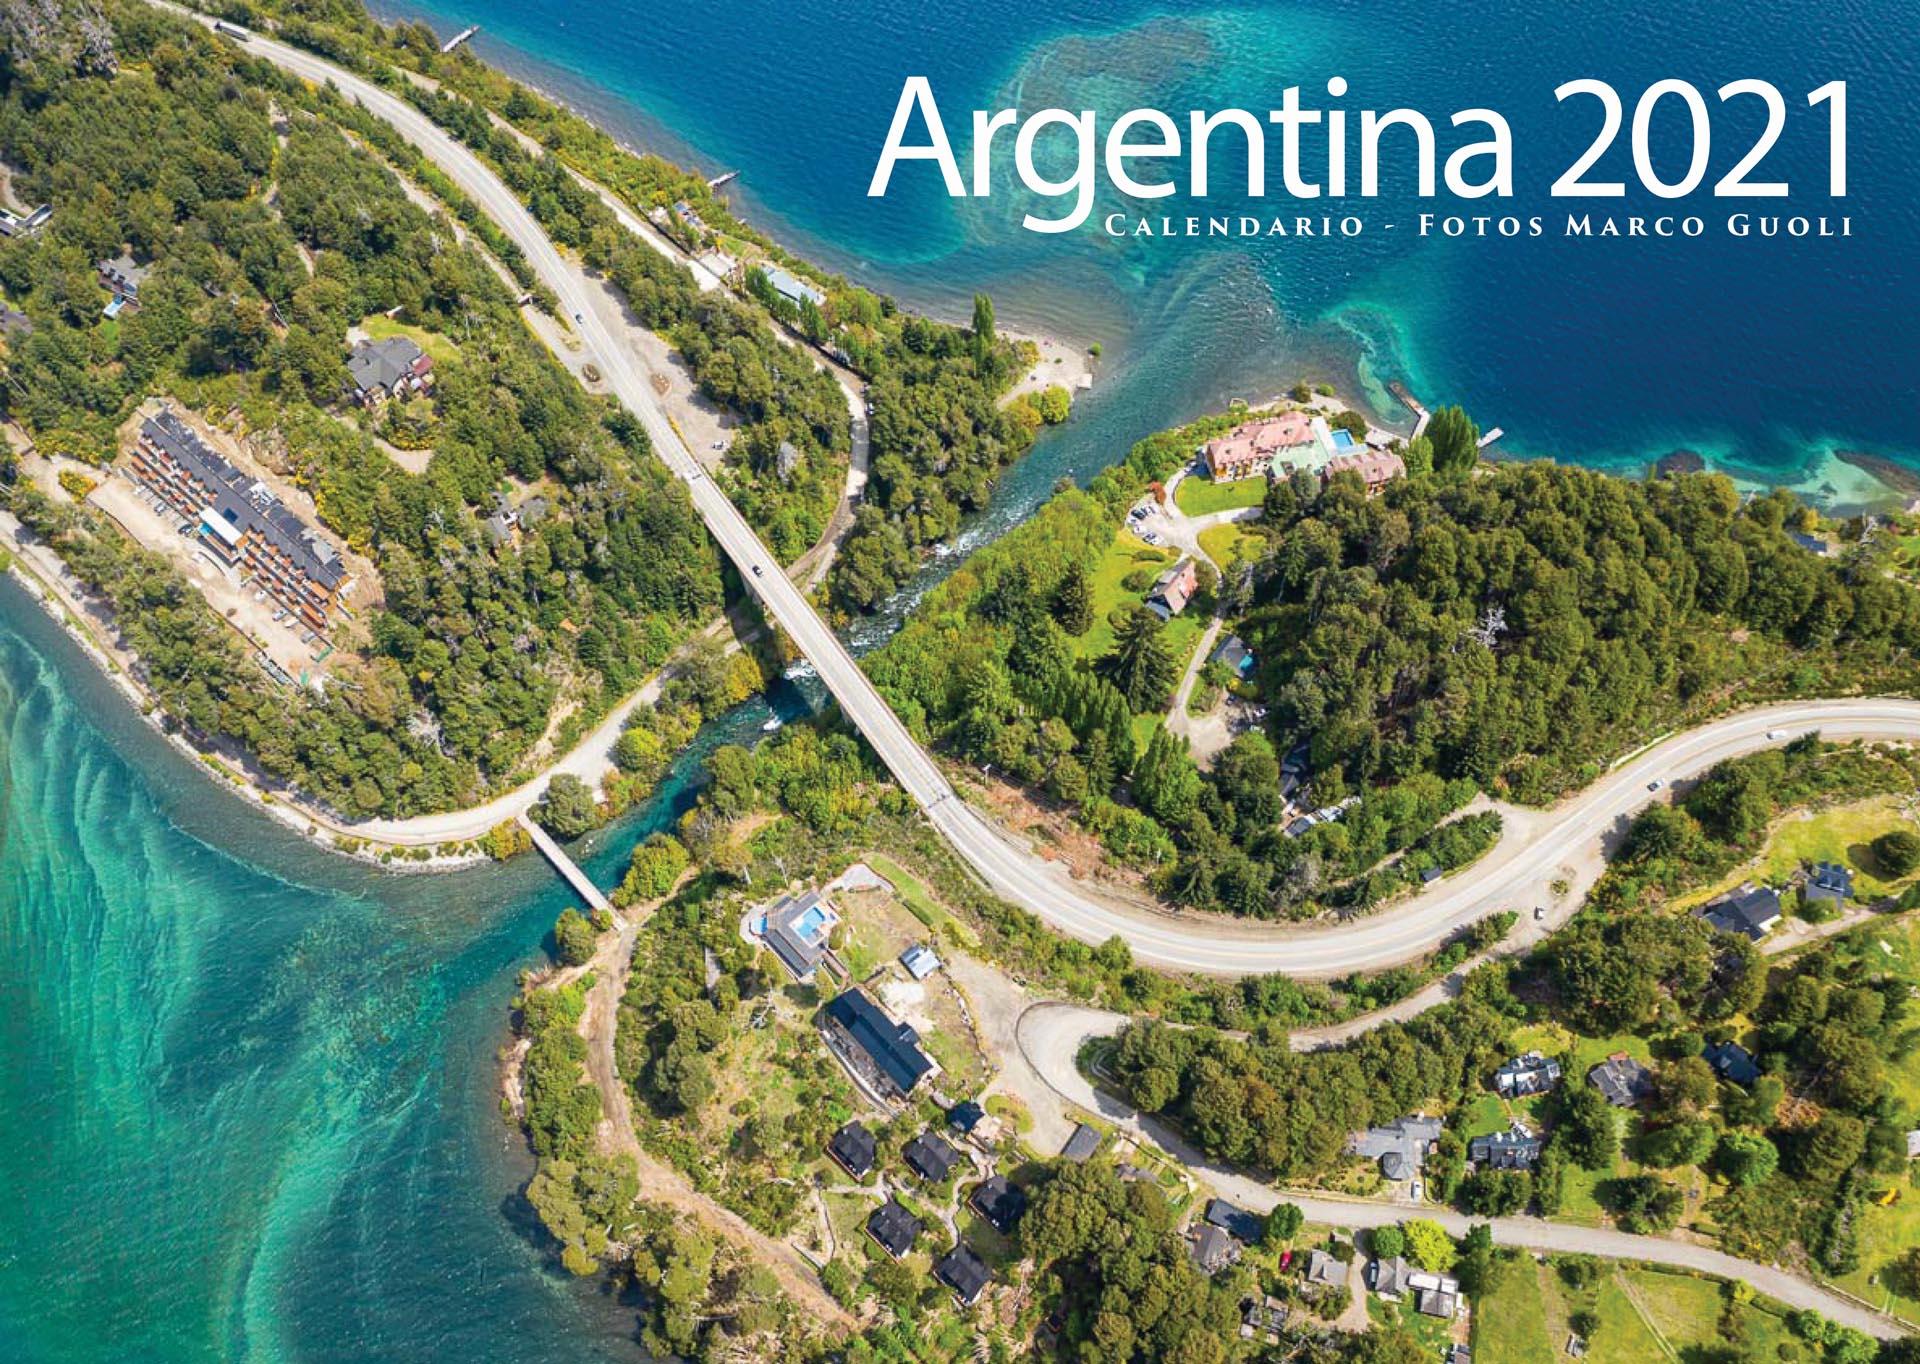 Tapa del Calendario Argentina 2021 con una foto del rio correntoso en neuquen de Marco Guoli